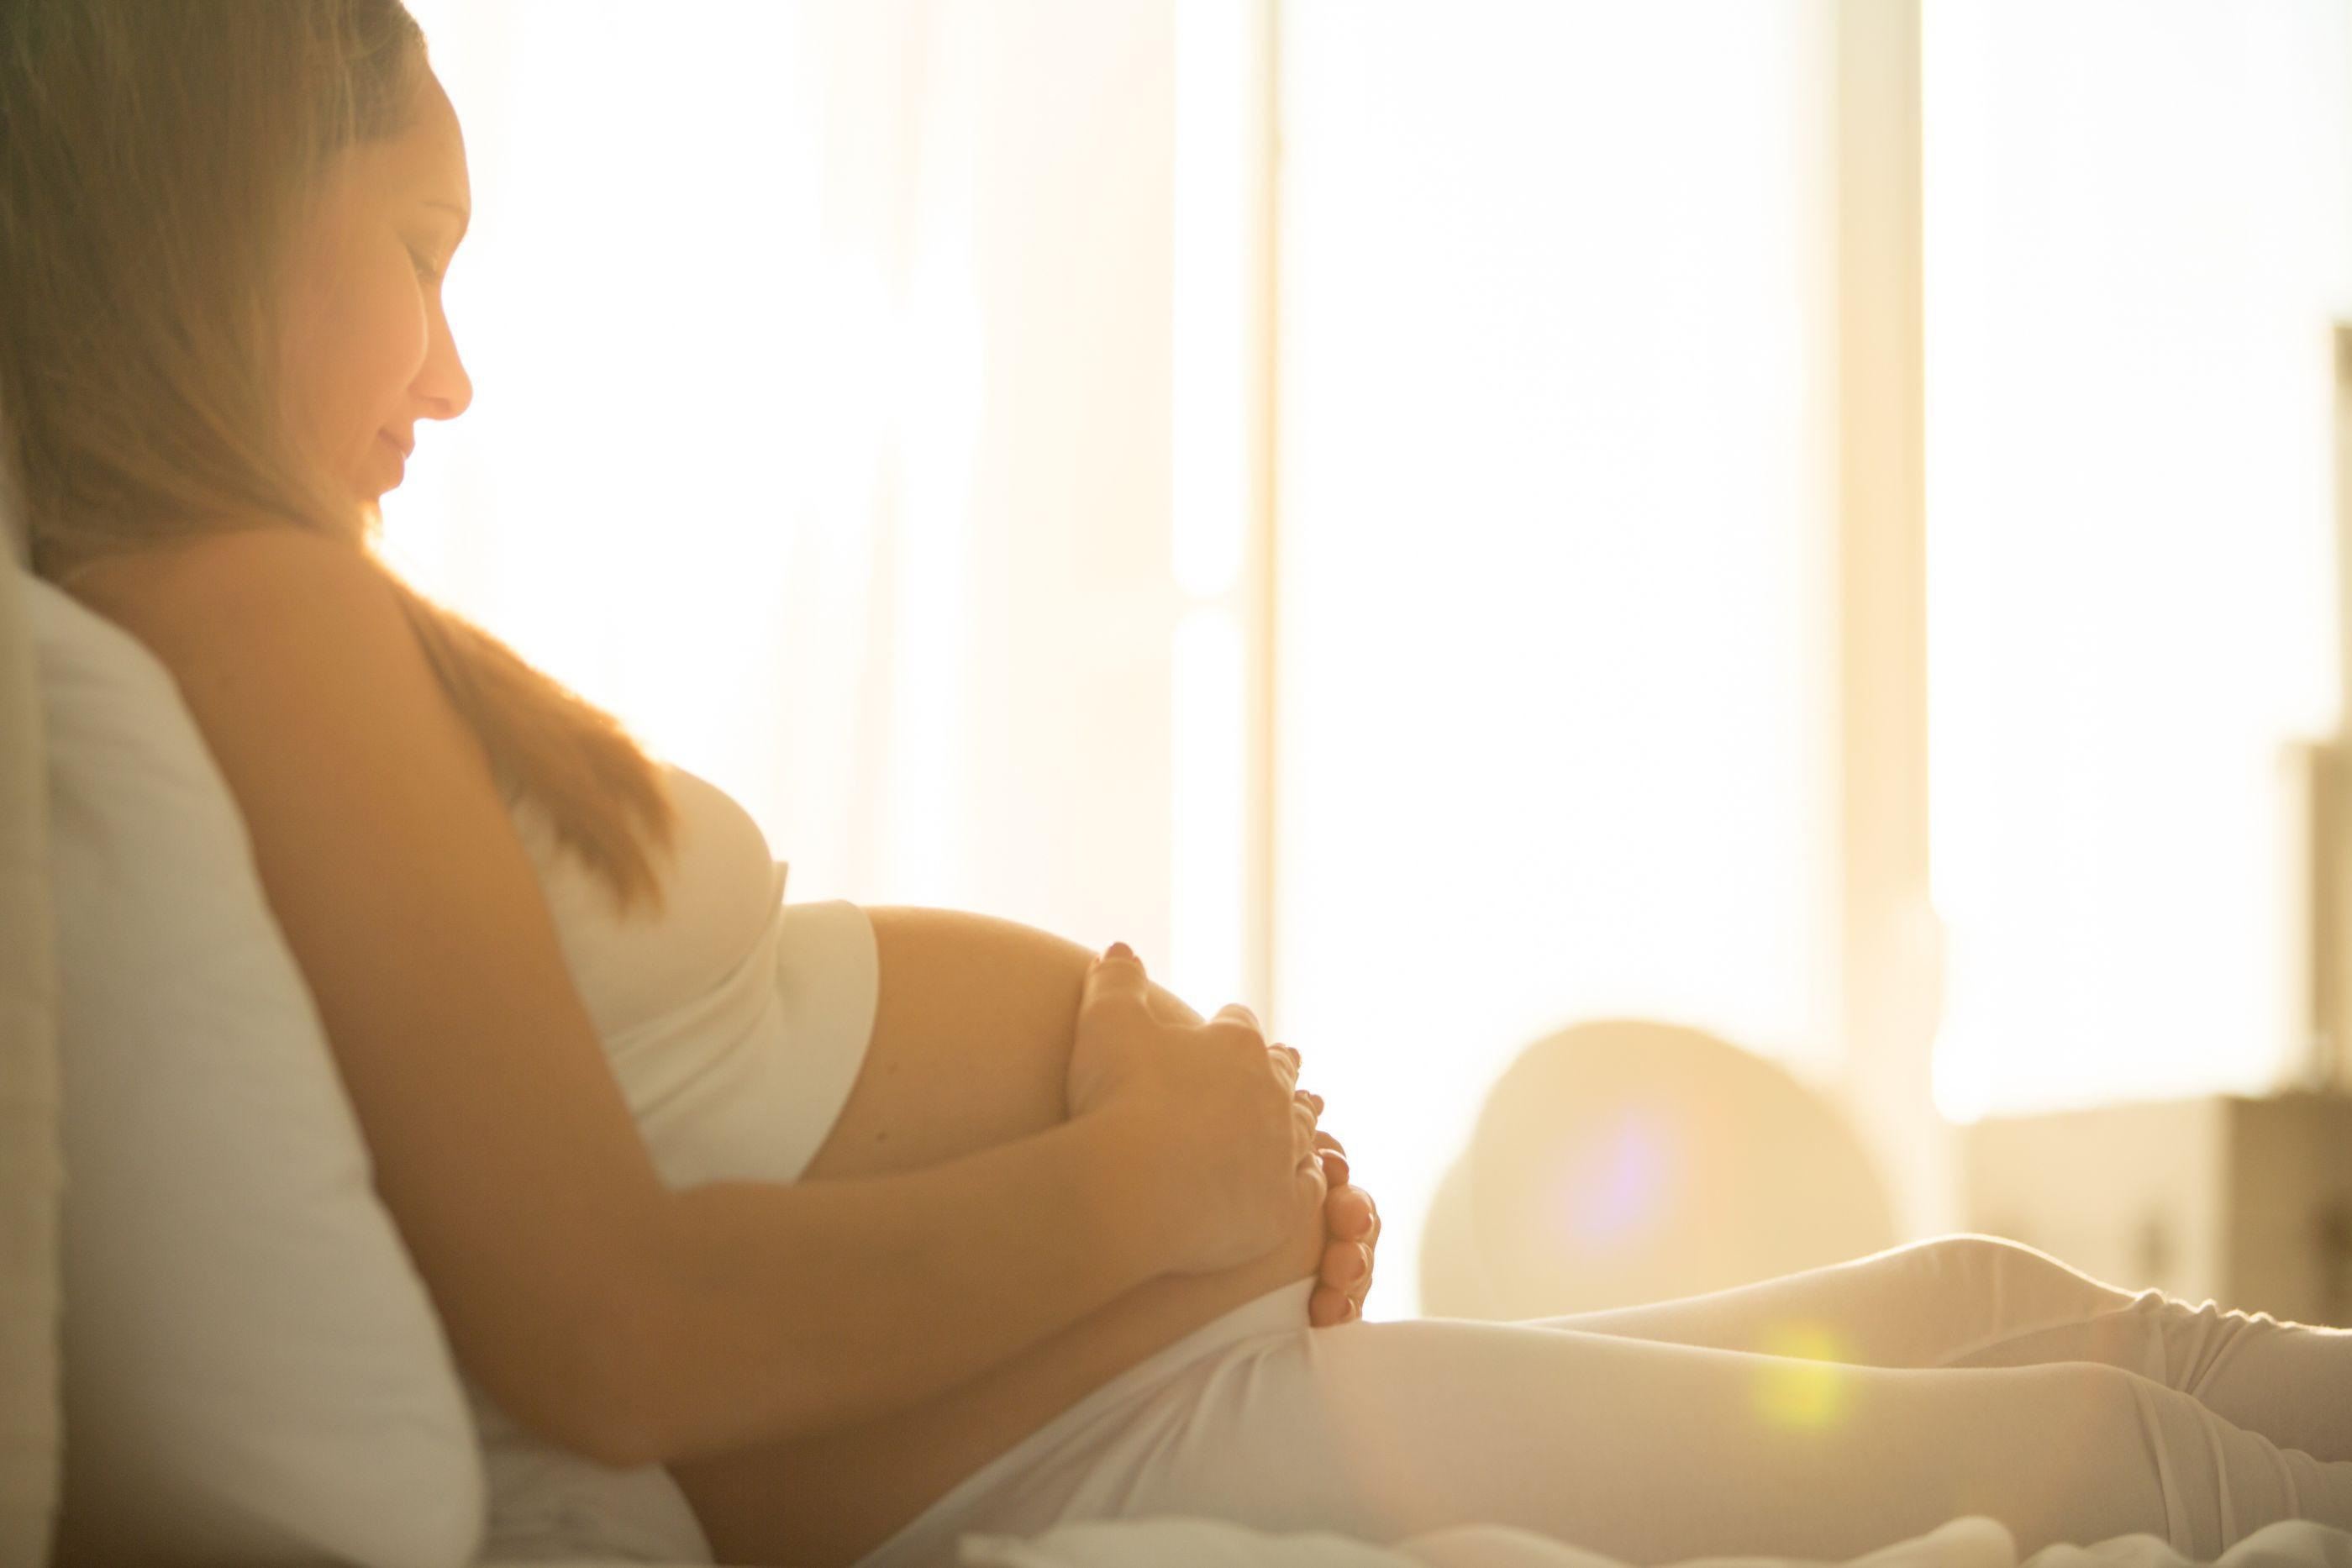 Risco de esquizofrenia em bebês pode ser reduzido com vitamina D